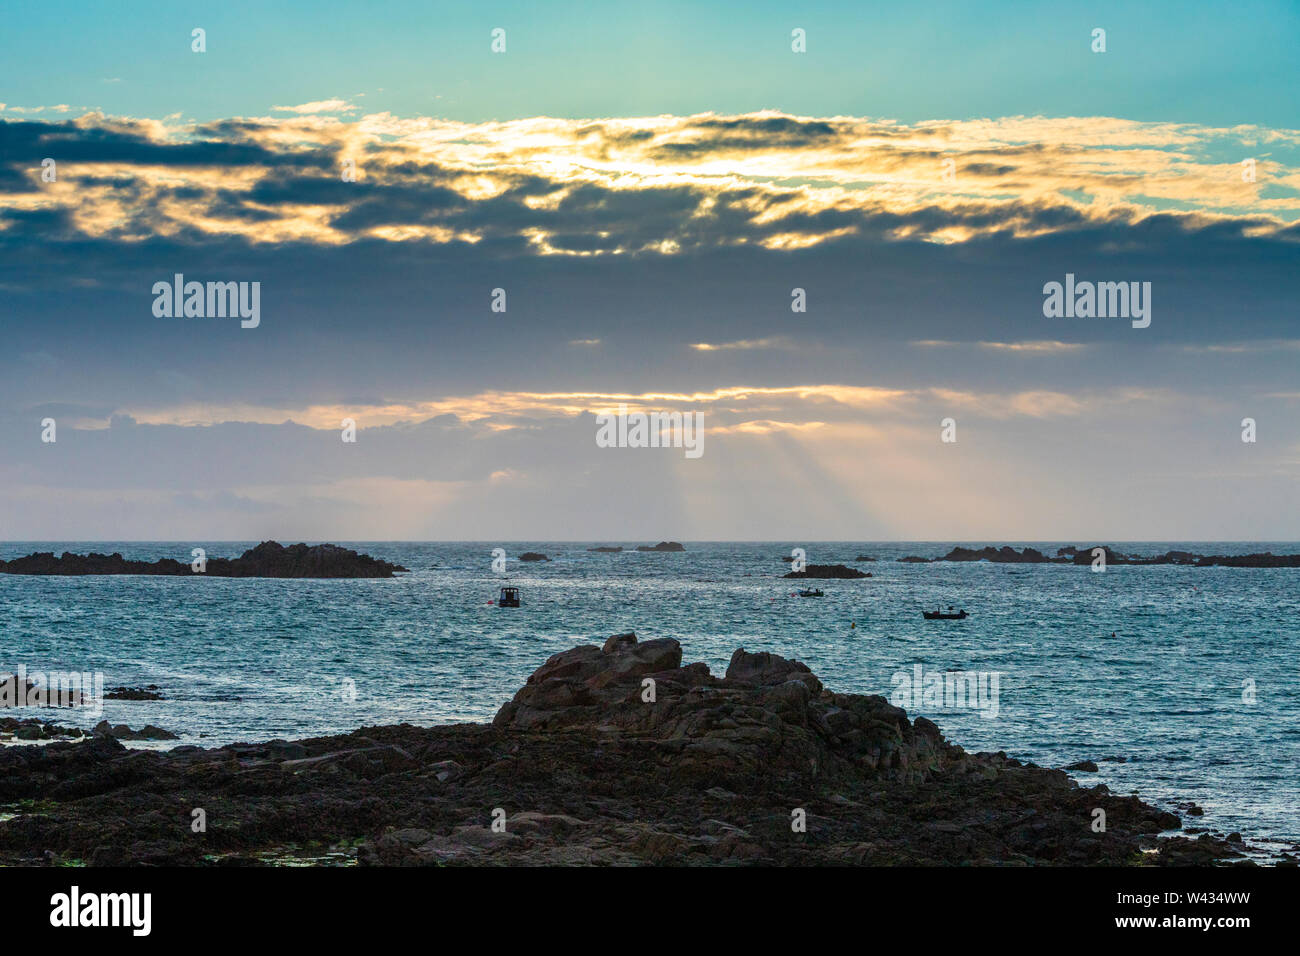 Il sole che tramonta sulla Baia di Cobo, Guernsey, Isole del Canale della Manica UK Foto Stock